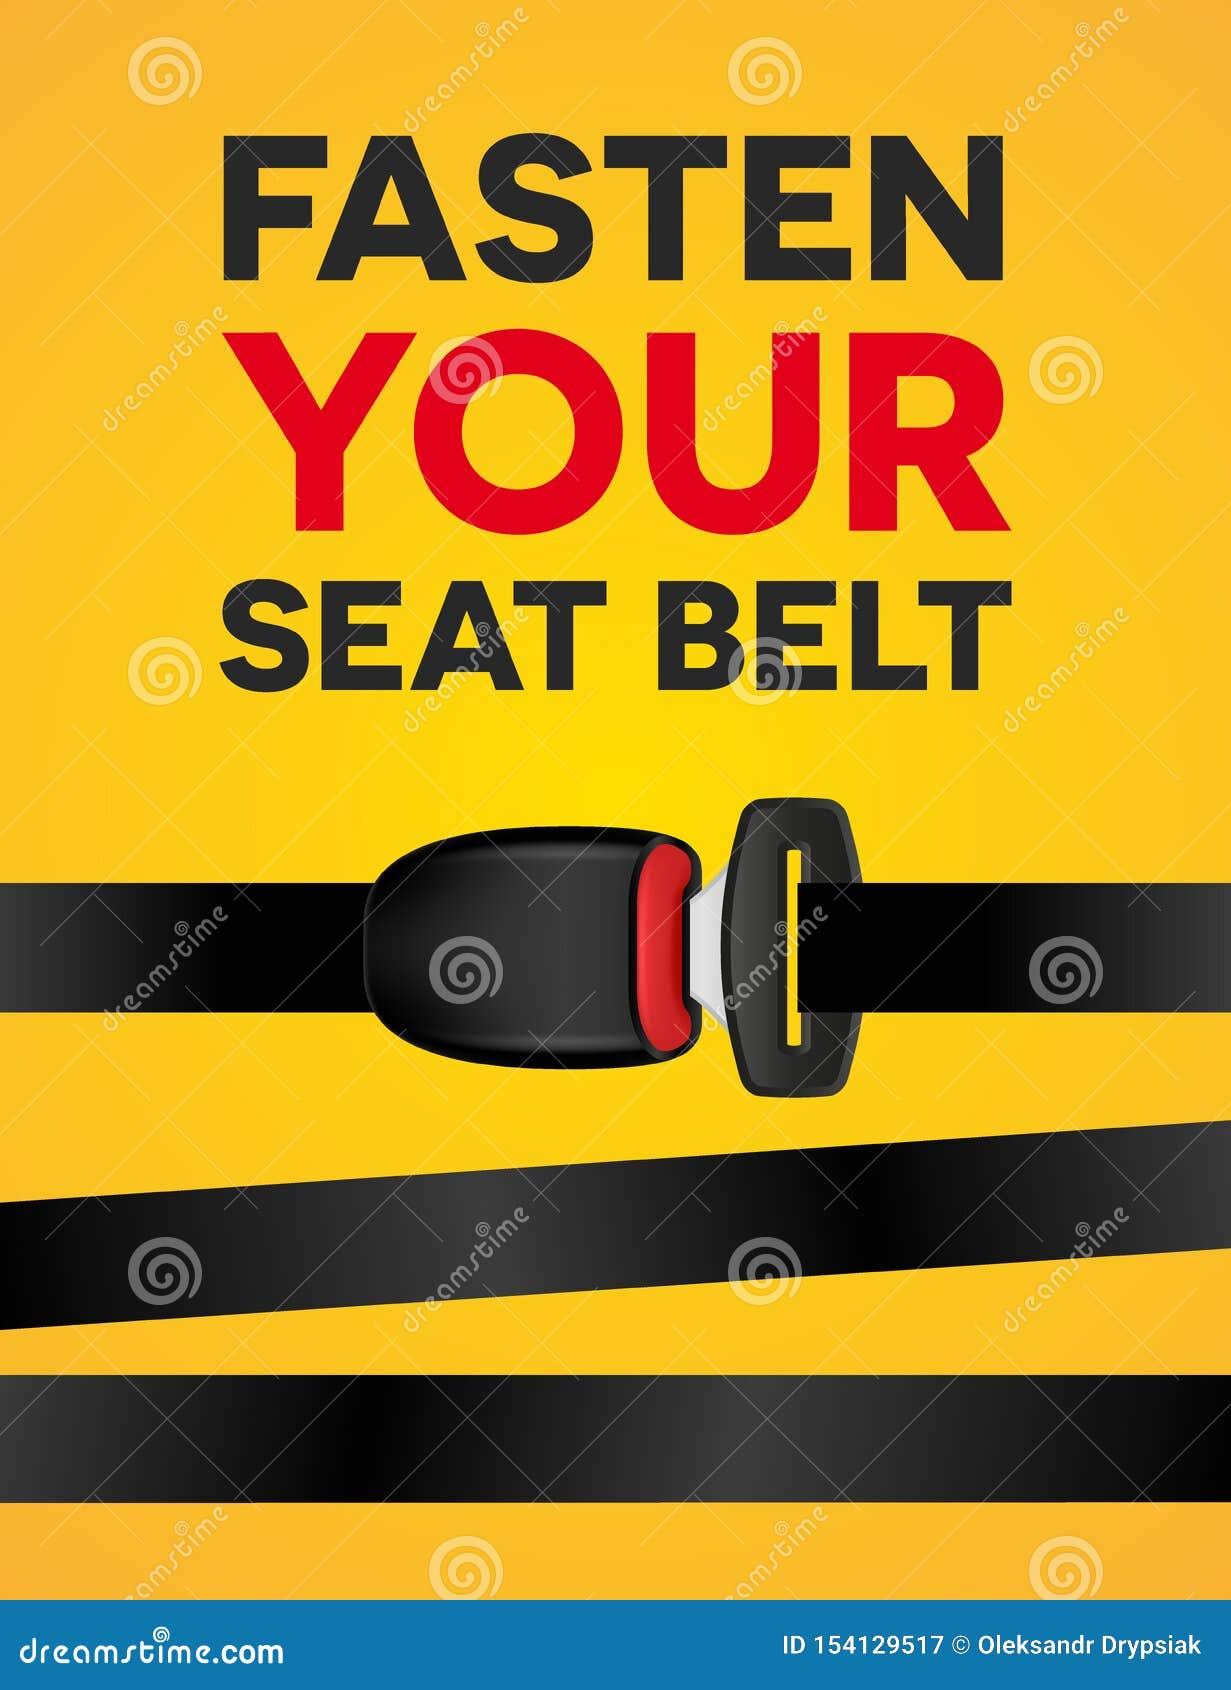 紧固您的游乐器具-社会印刷术海报 安全旅行传染媒介创造性的现实横幅在黄色背景的